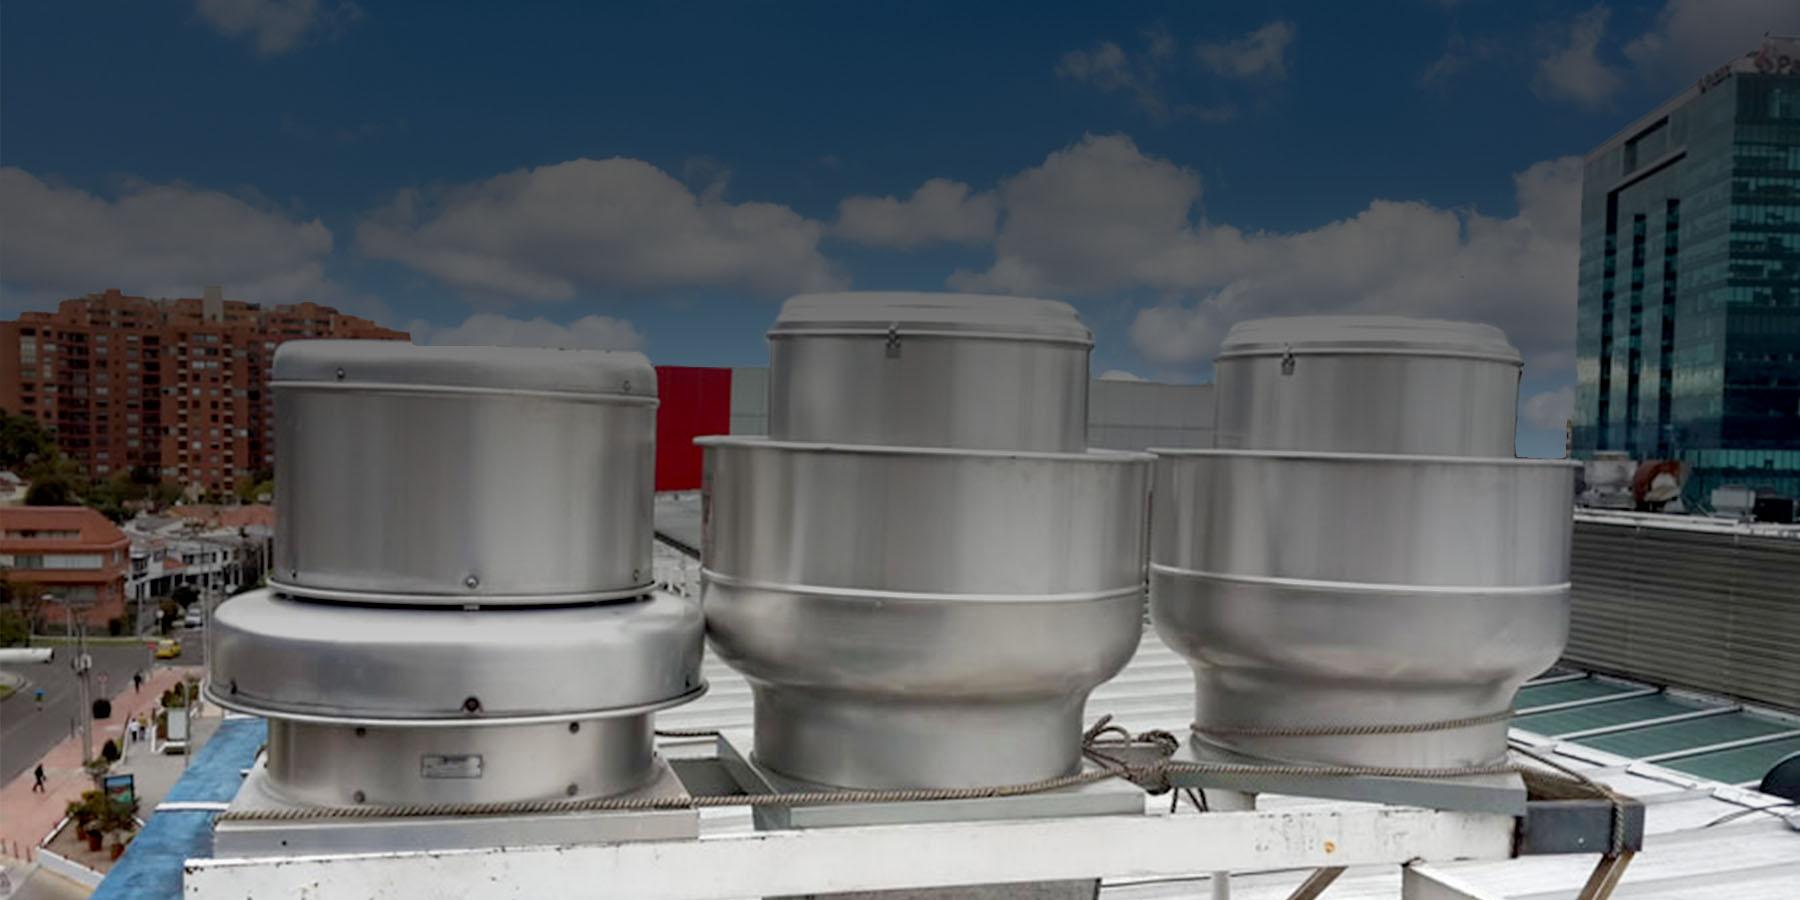 Sistemas de Extracción y Fabricación cocinas industriales Ibarra Ecuador